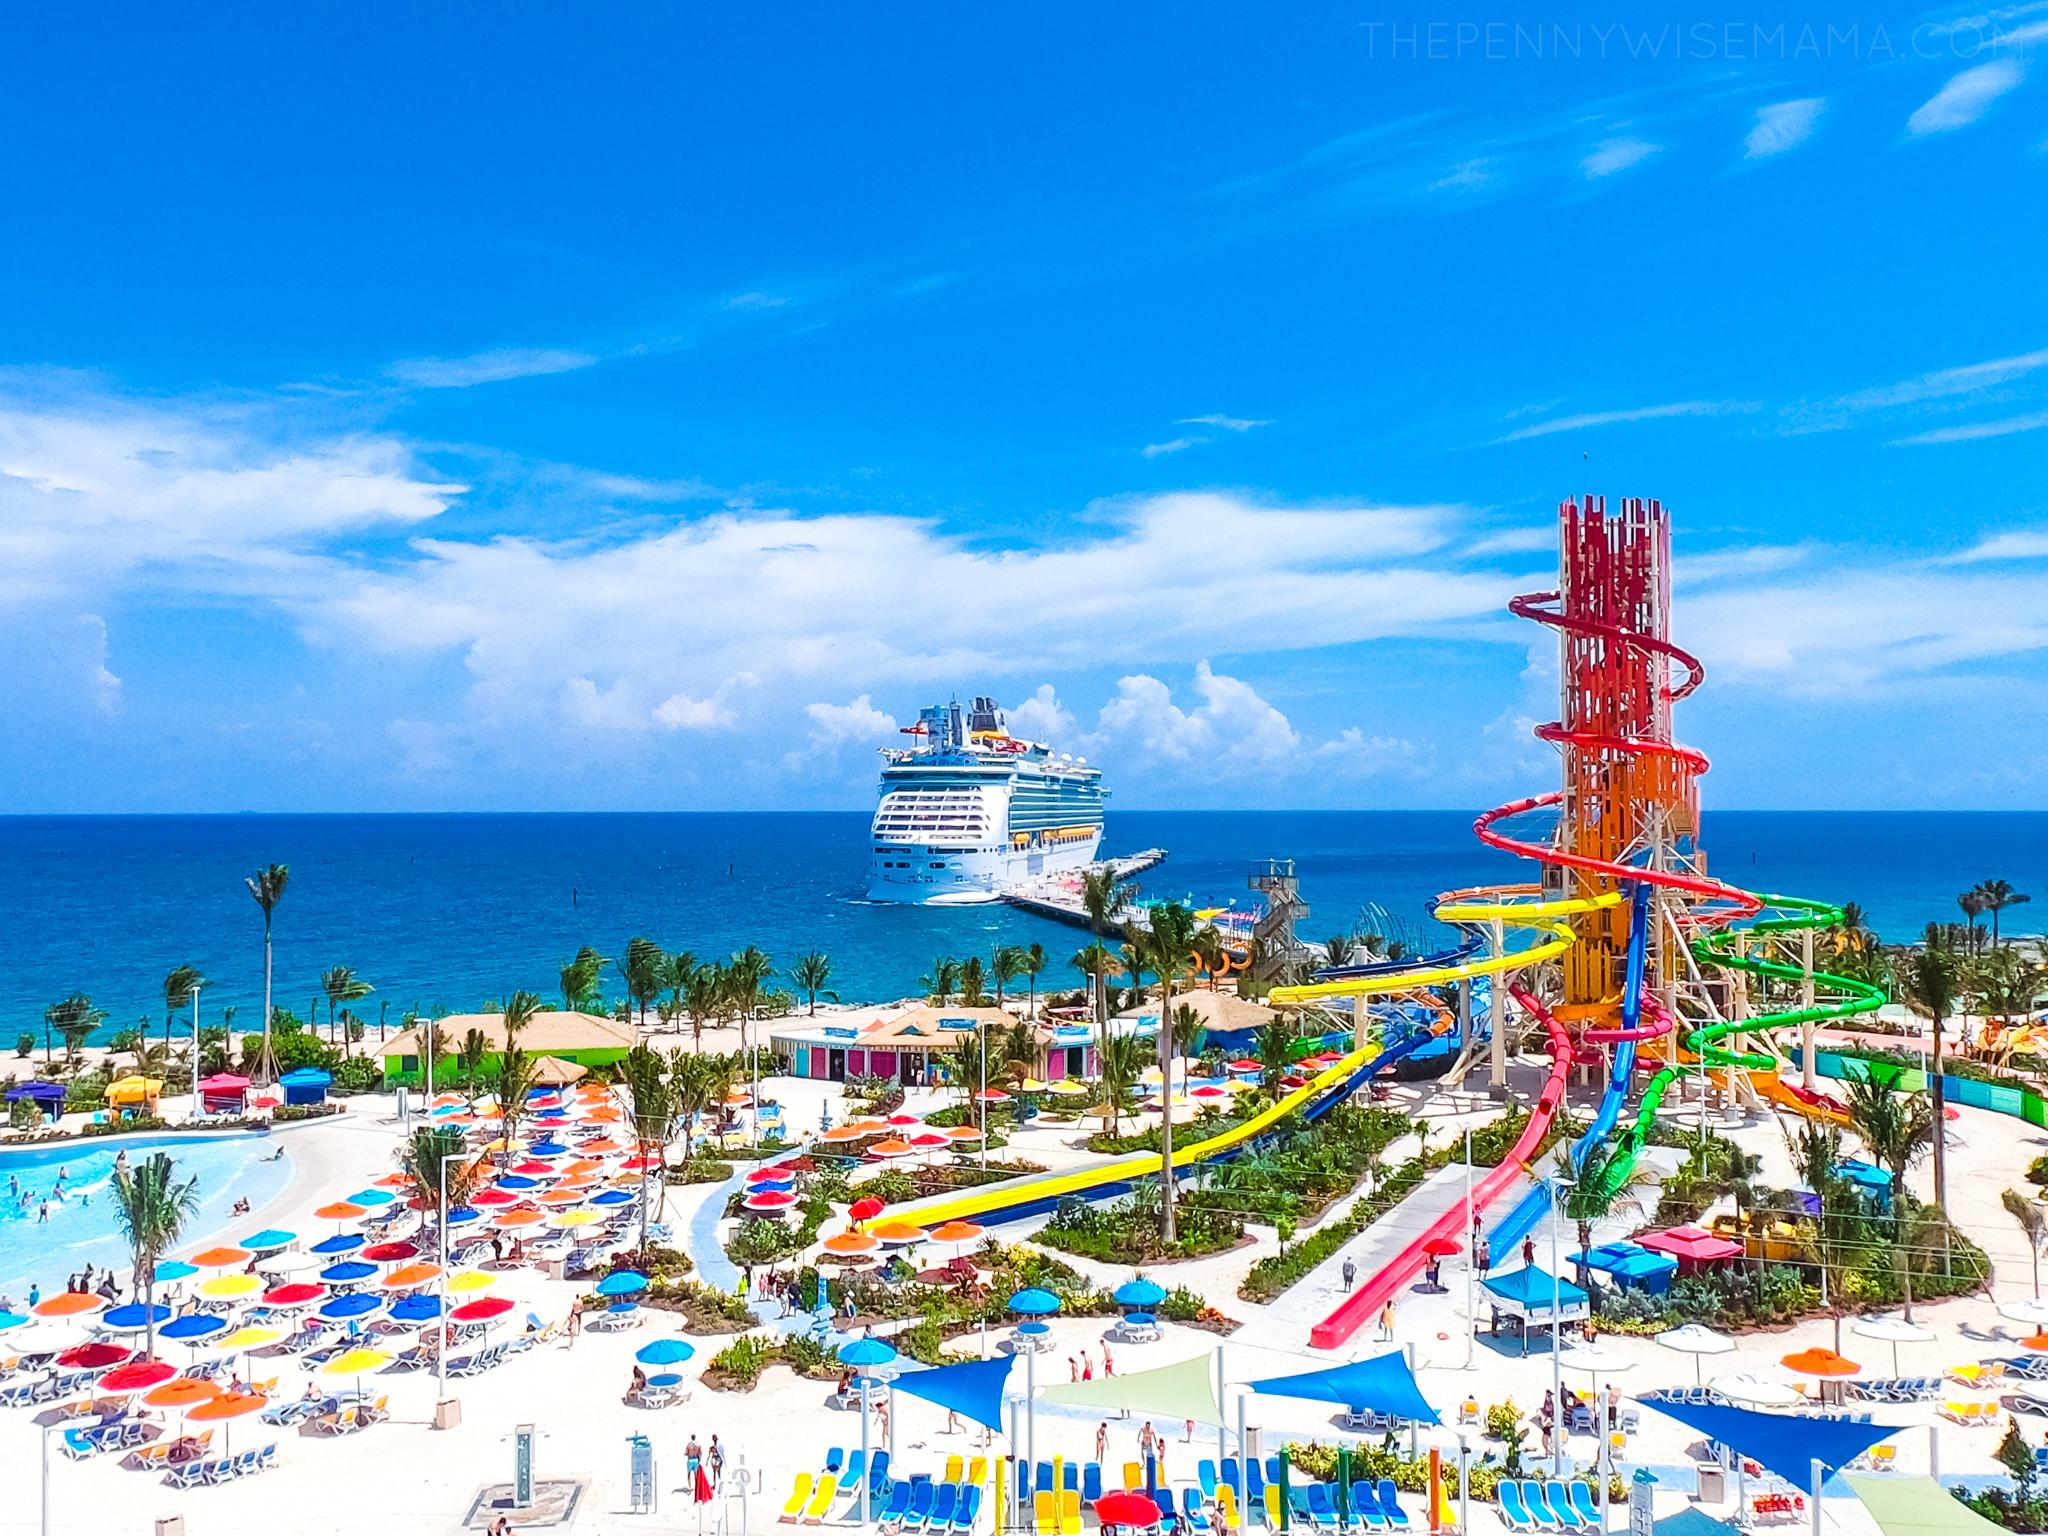 Royal Caribbean's Perfect Day at CocoCay